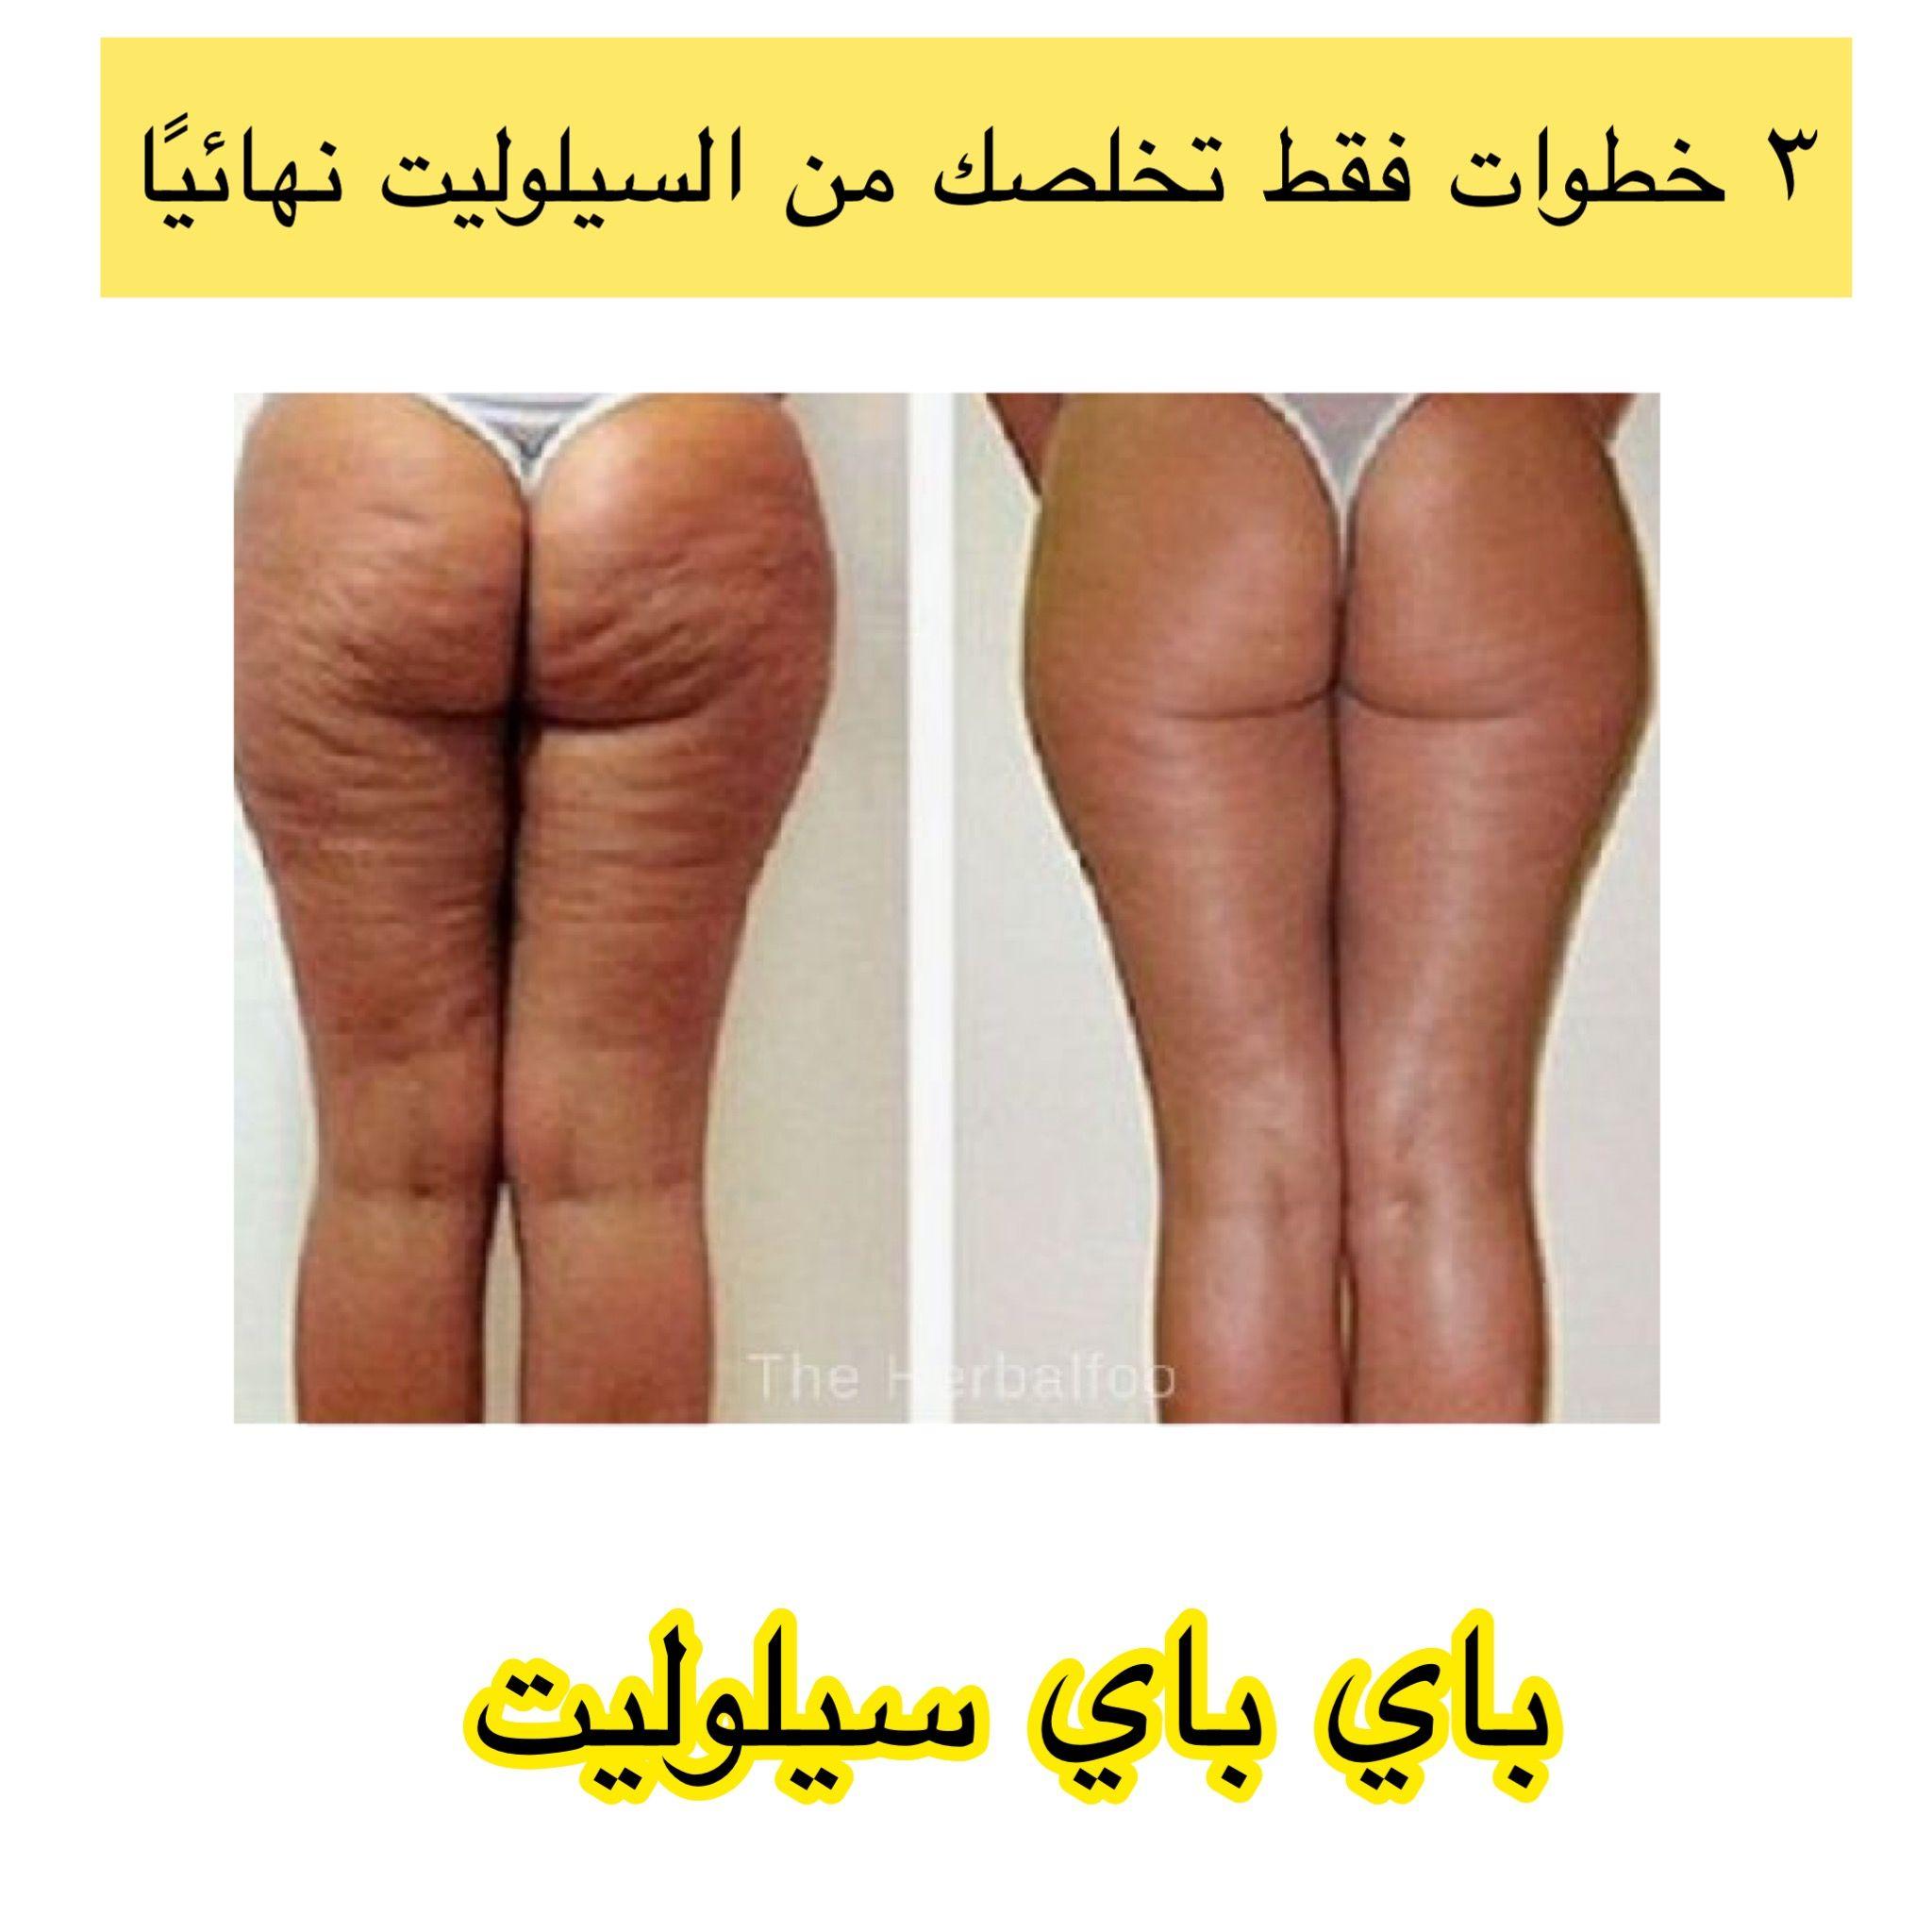 تخلصي من السيلوليت المزعج نهائيا ب3 خطوات فقط وهذا وعد مني Youtube Beauty Skin Care Routine Skin Care Beauty Skin Care